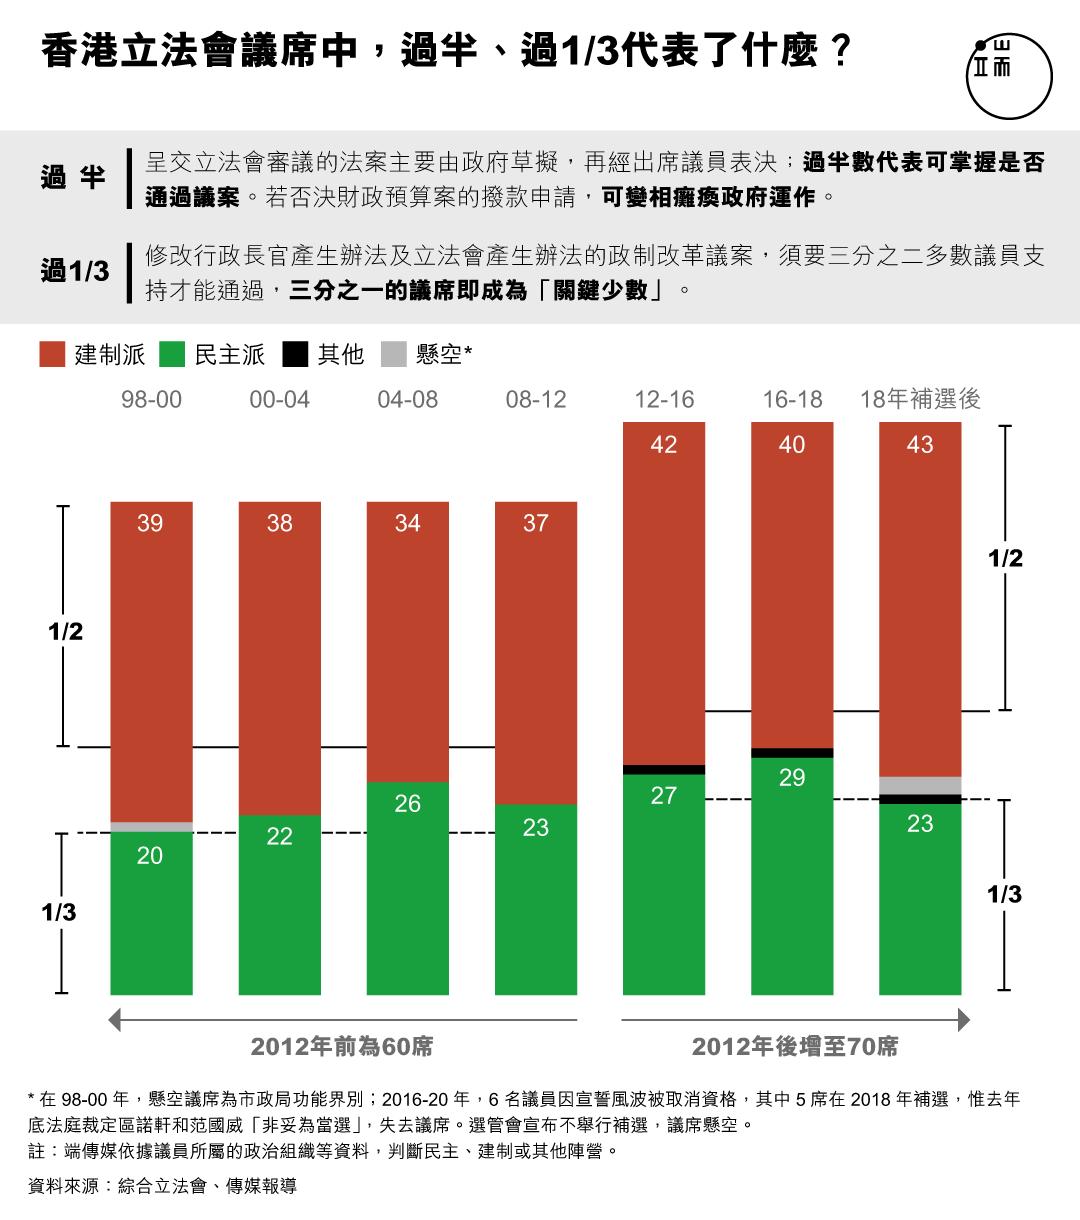 香港立法會議席中,過半、過1/3代表了什麼?